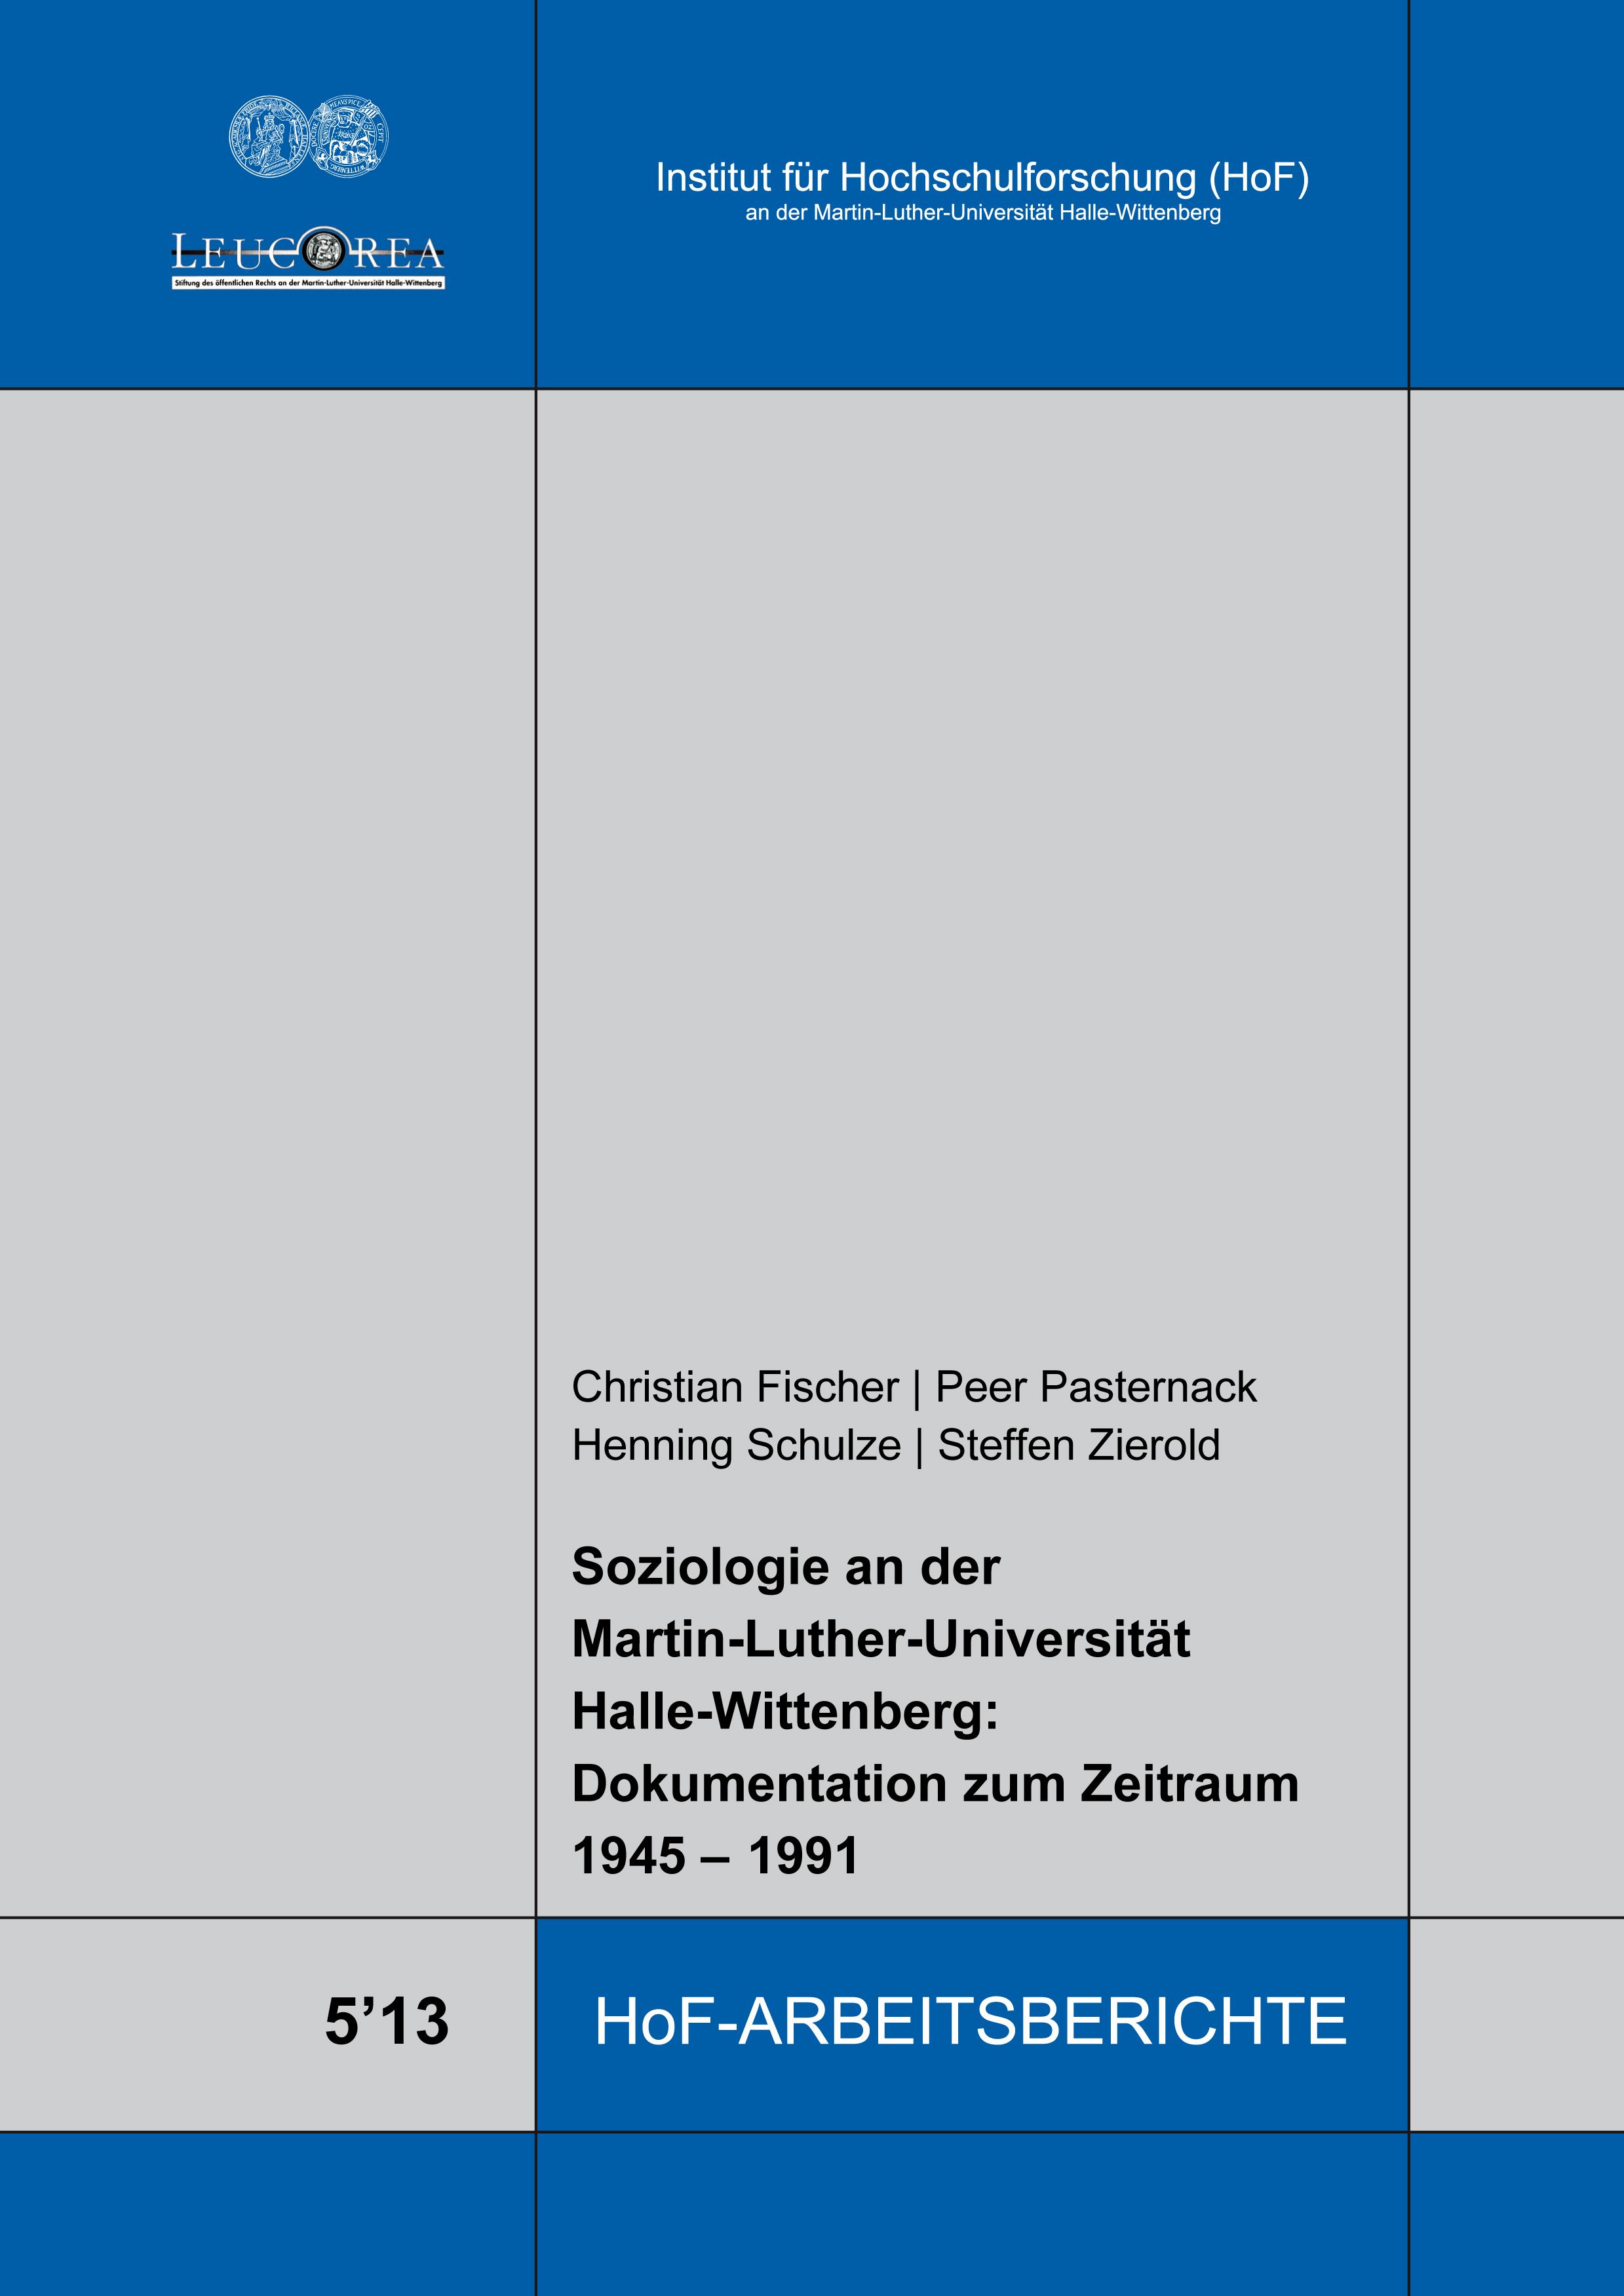 uni halle wittenberg dissertationen Habilitationen und dissertationen martin-luther-universität halle-wittenberg aktuelle sprache:  halle/saale 2010 veröffentlicht.